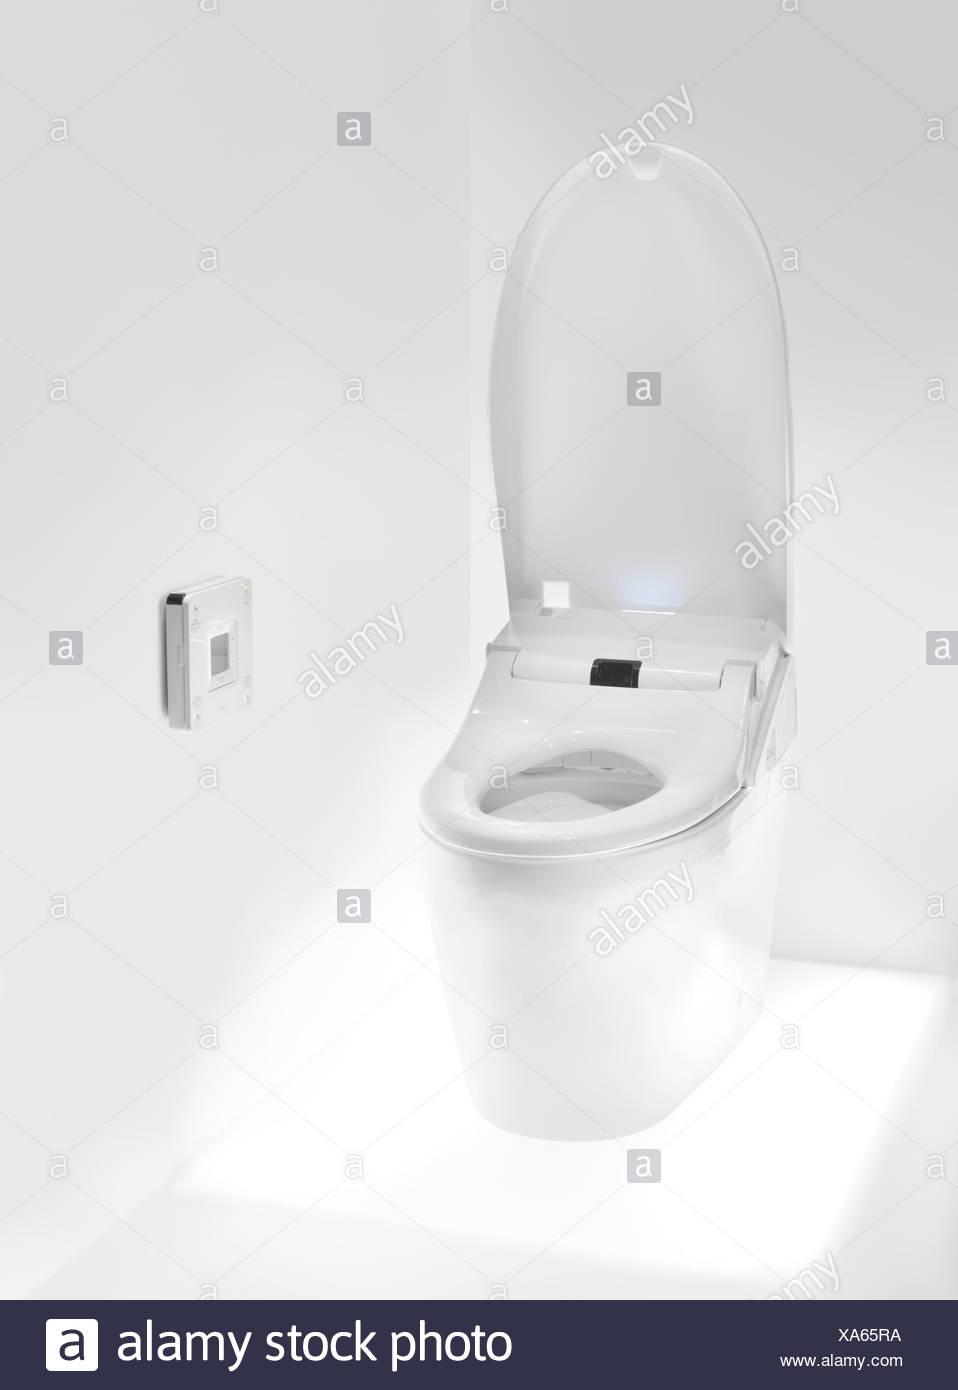 TOTO-WC mit Washlet Sitz, Hightech-WC mit Fernbedienung Stockfoto ...